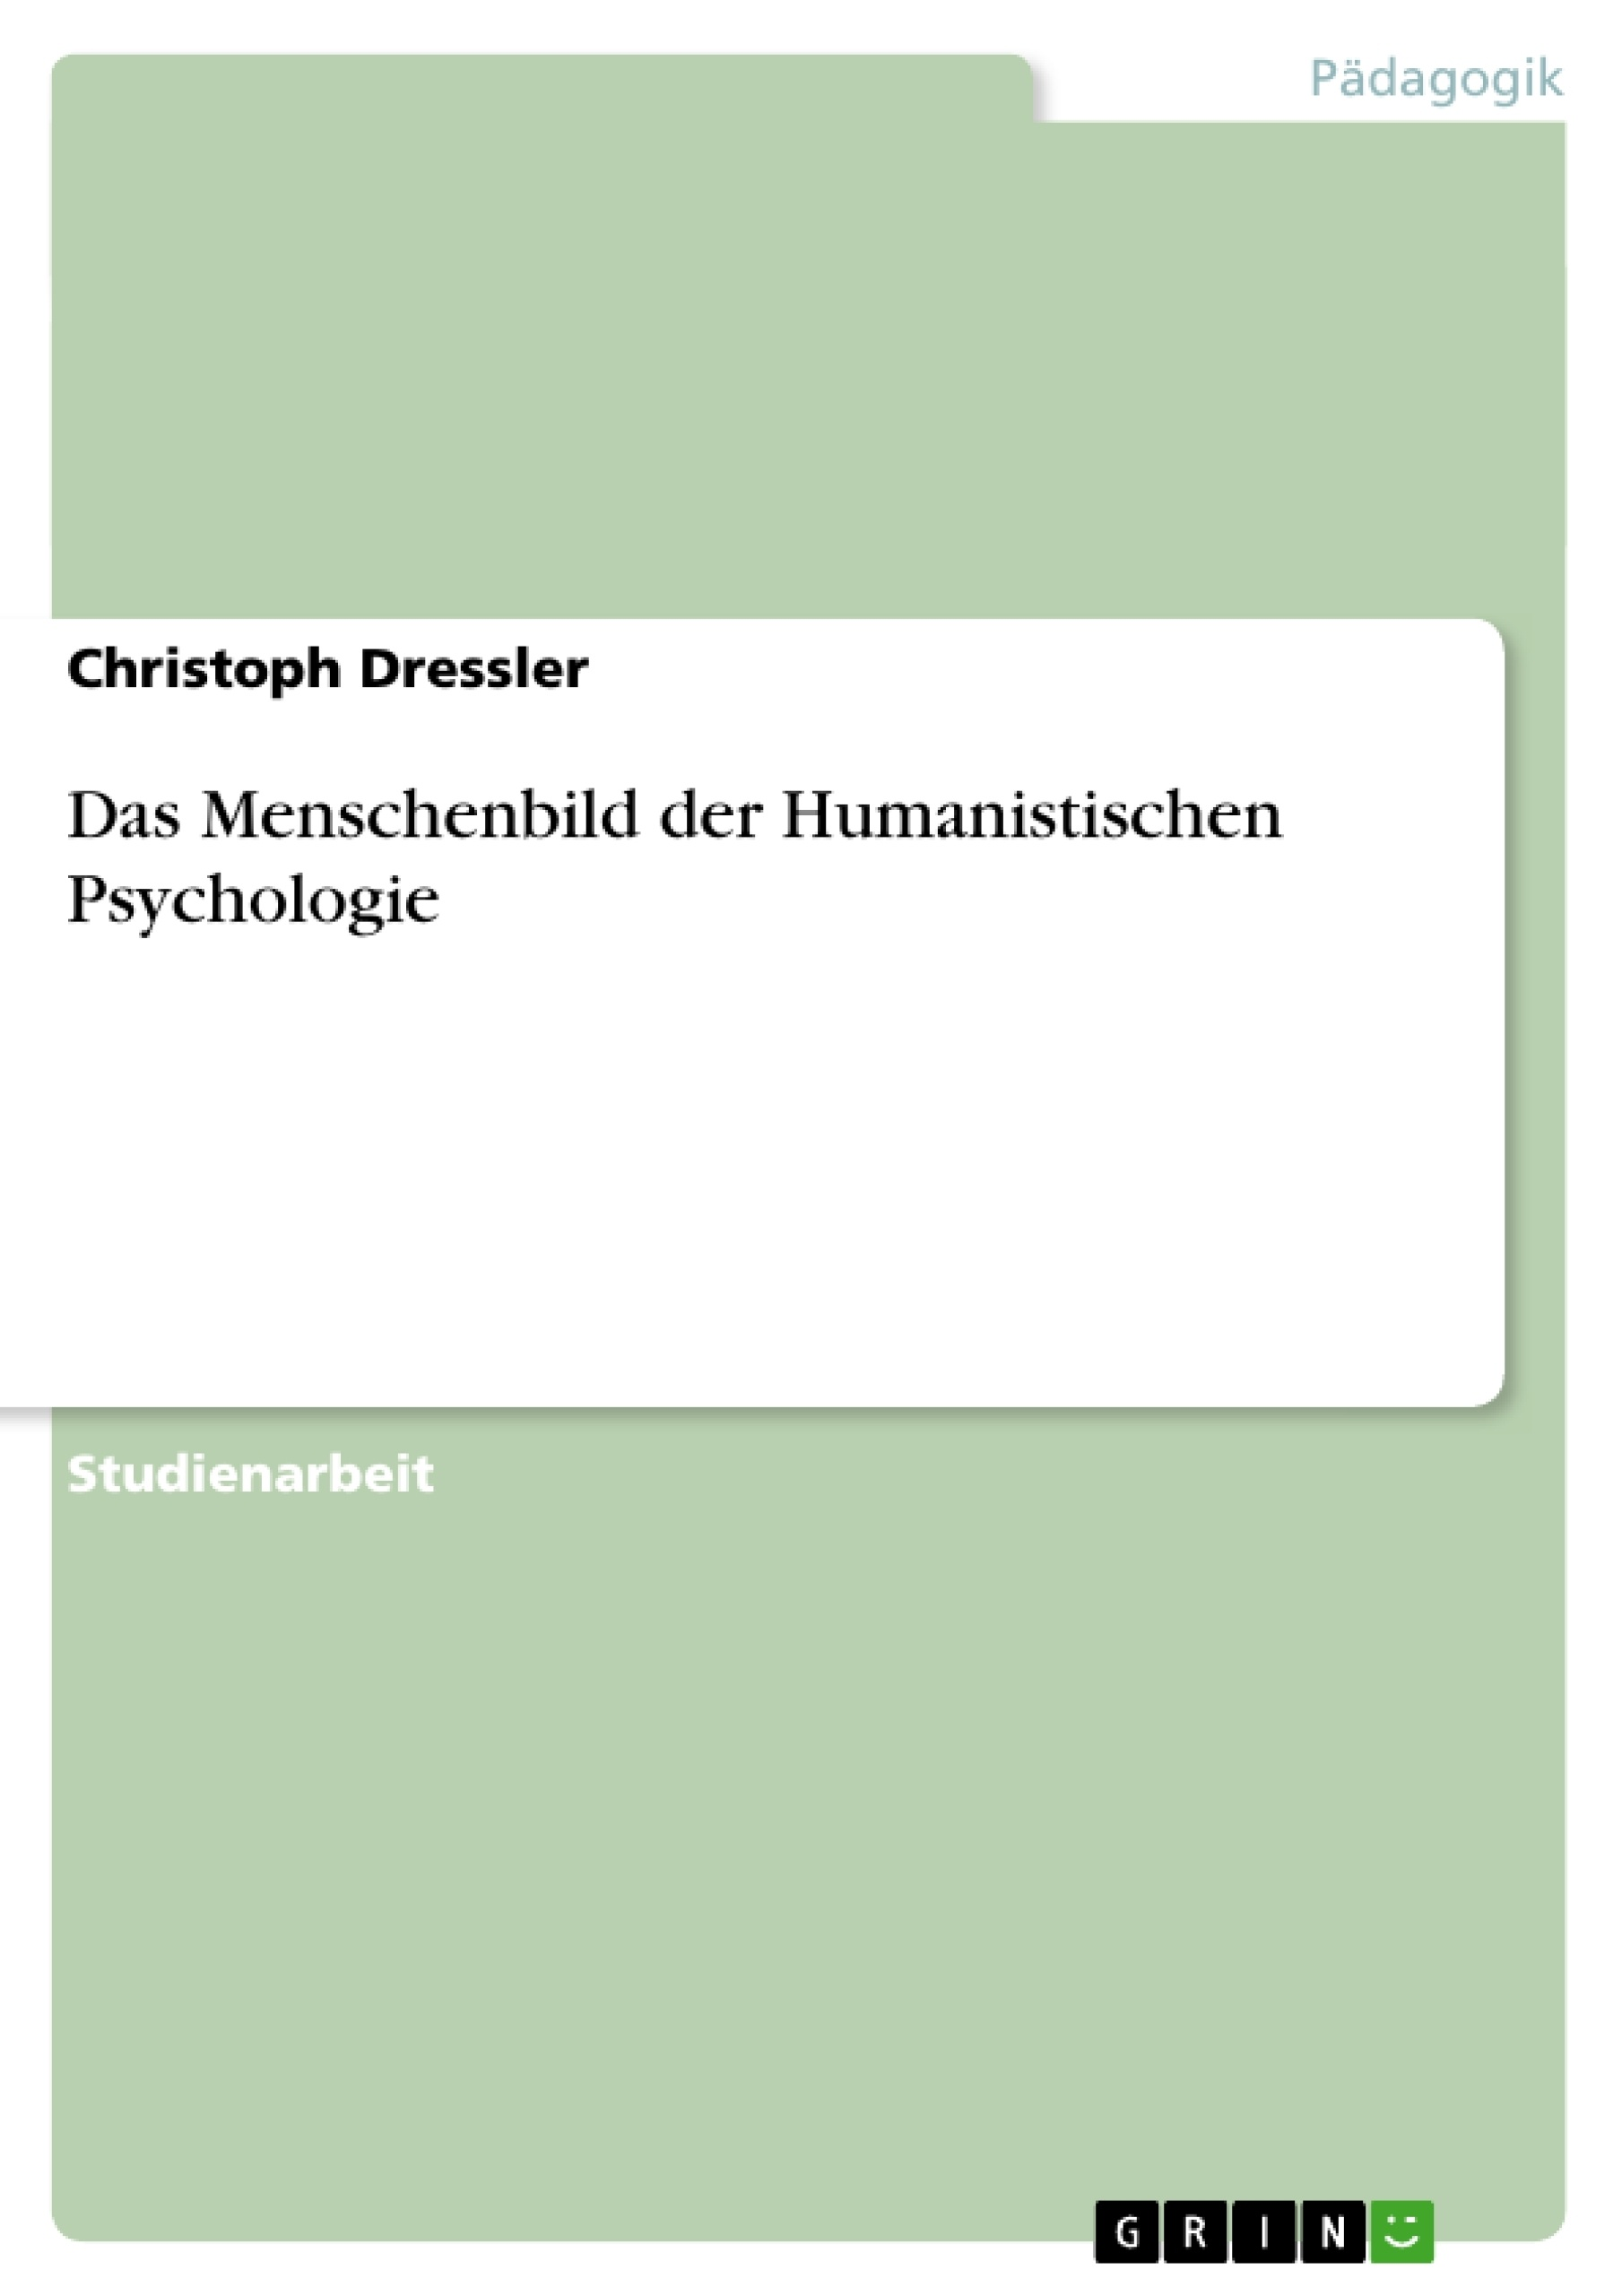 Titel: Das Menschenbild der Humanistischen Psychologie